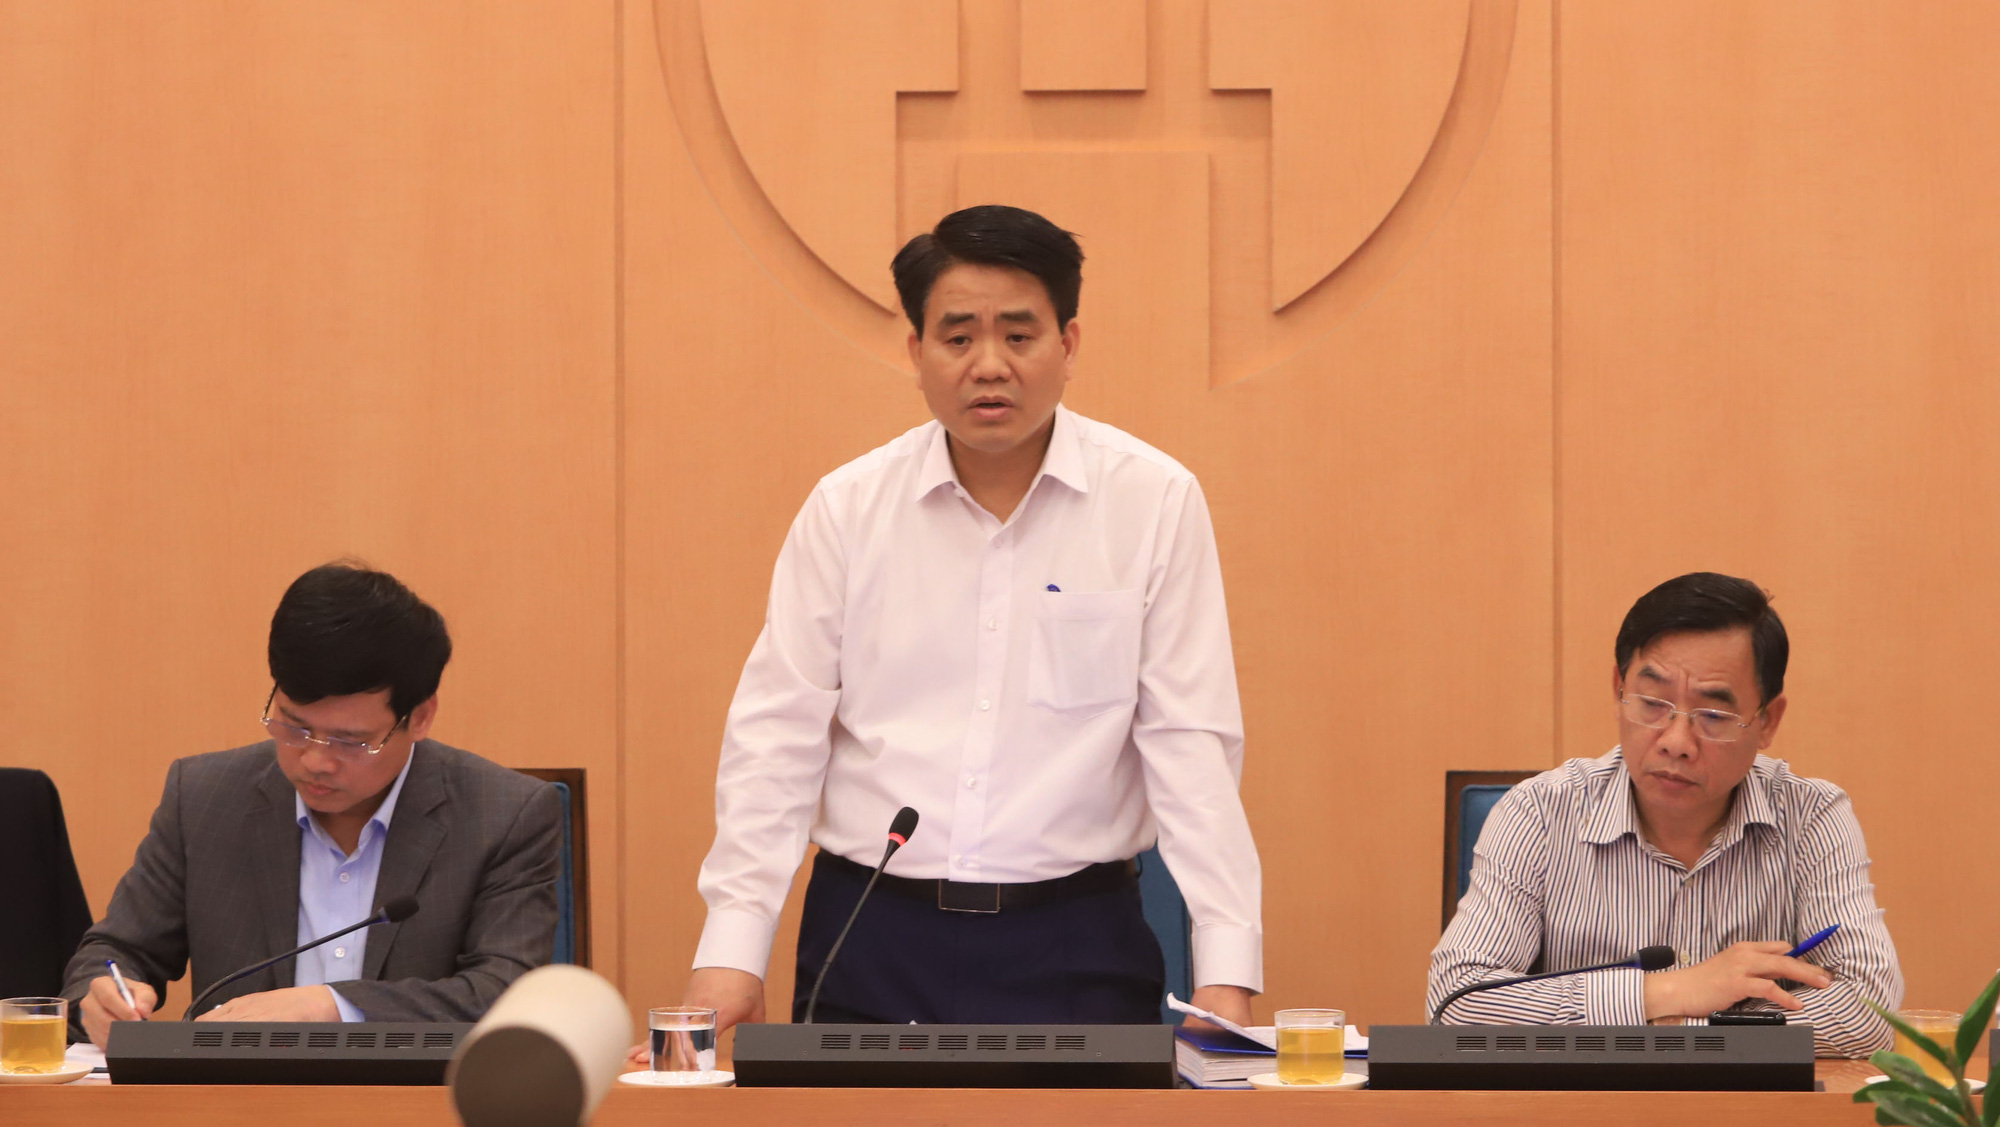 Đề xuất tặng chủ tịch Hà Nội huân chương về thành tích chống dịch COVID-19 - Ảnh 1.